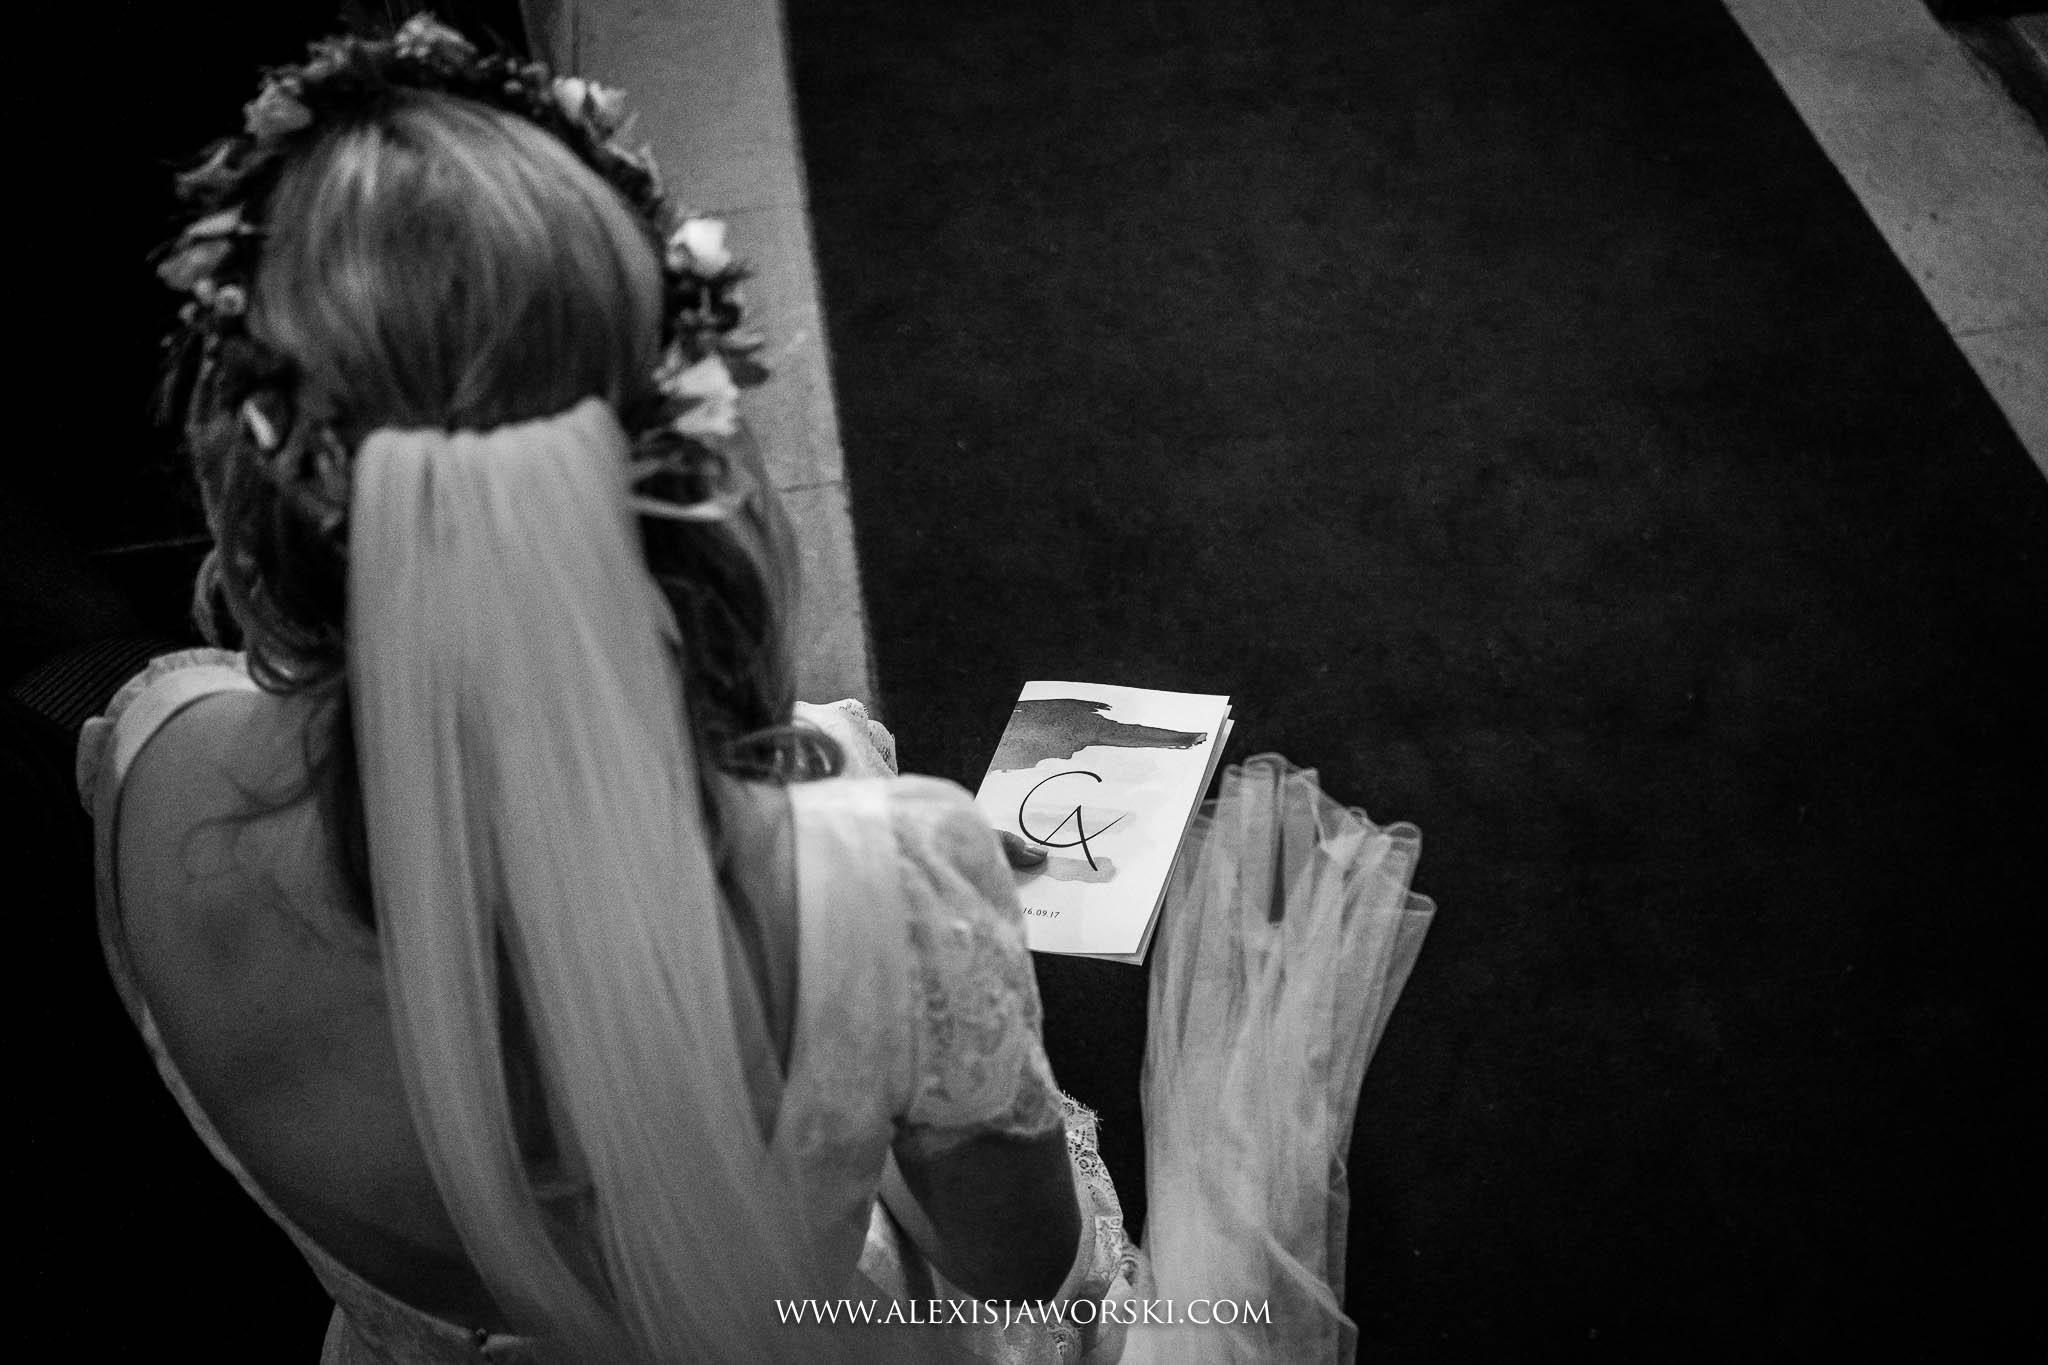 detail shot of back of bride